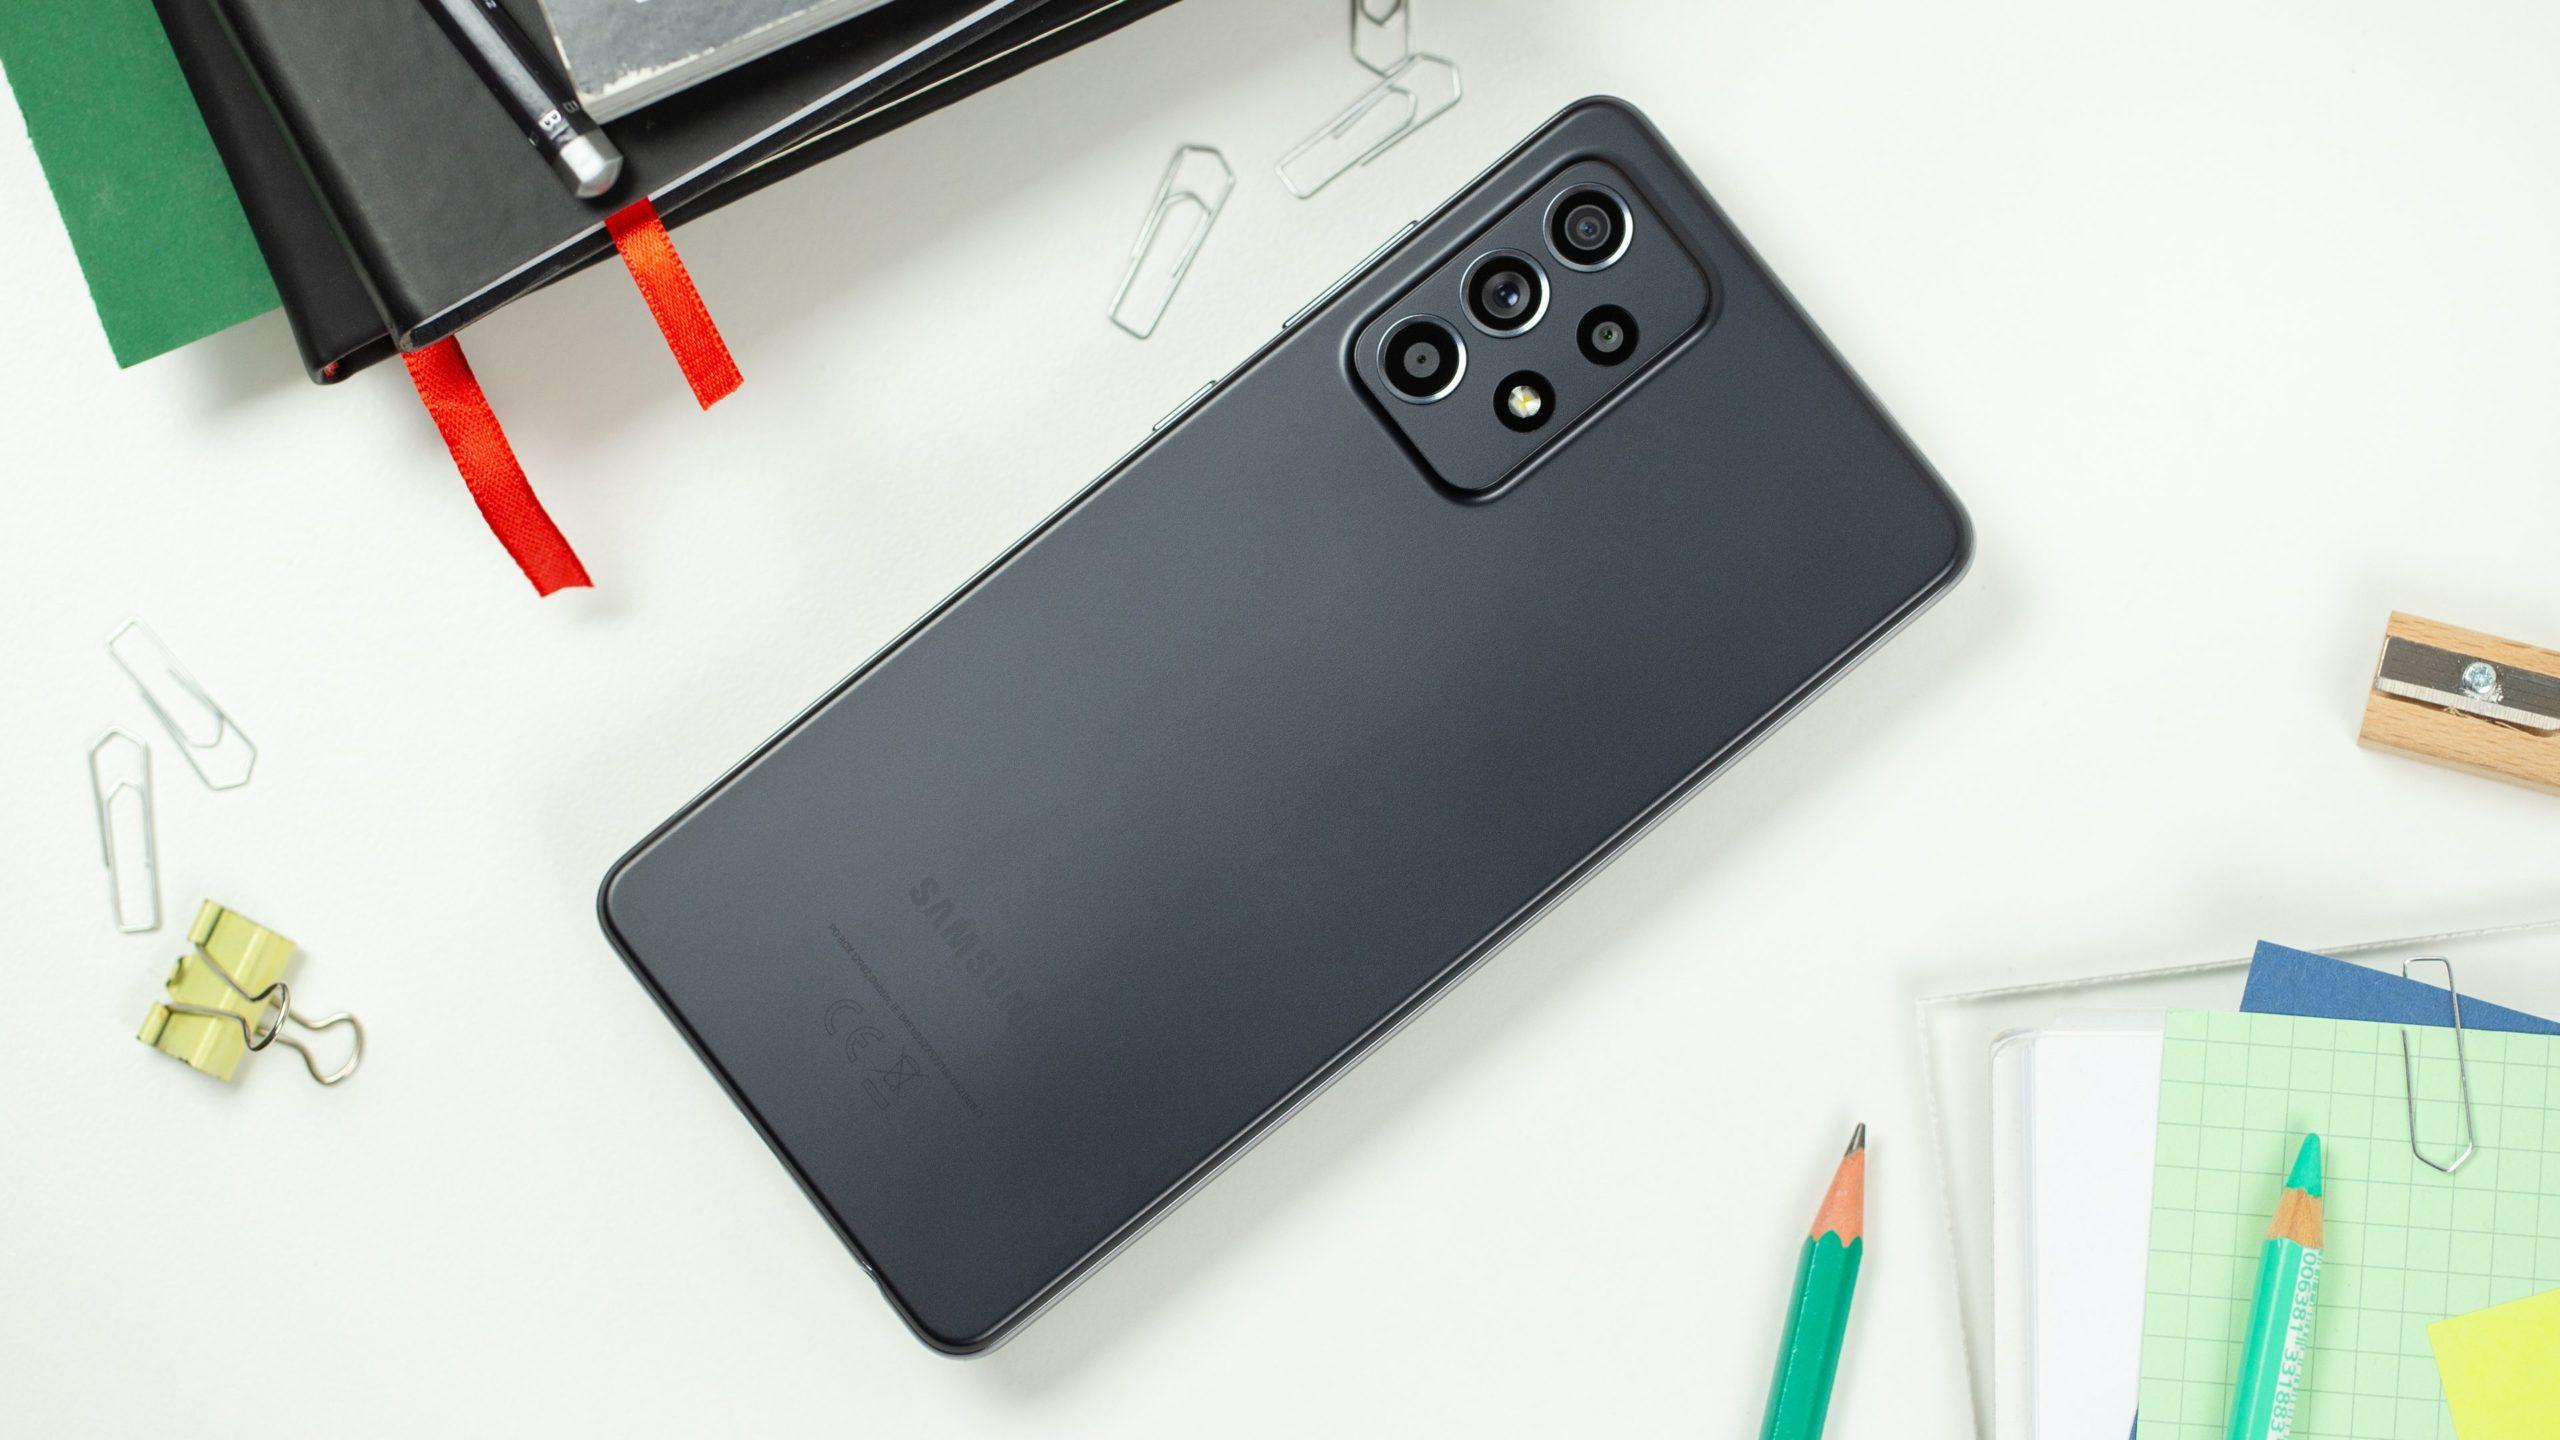 Samsung Galaxy A52 5G: miglior smartphone di fascia media per la maggior parte delle persone